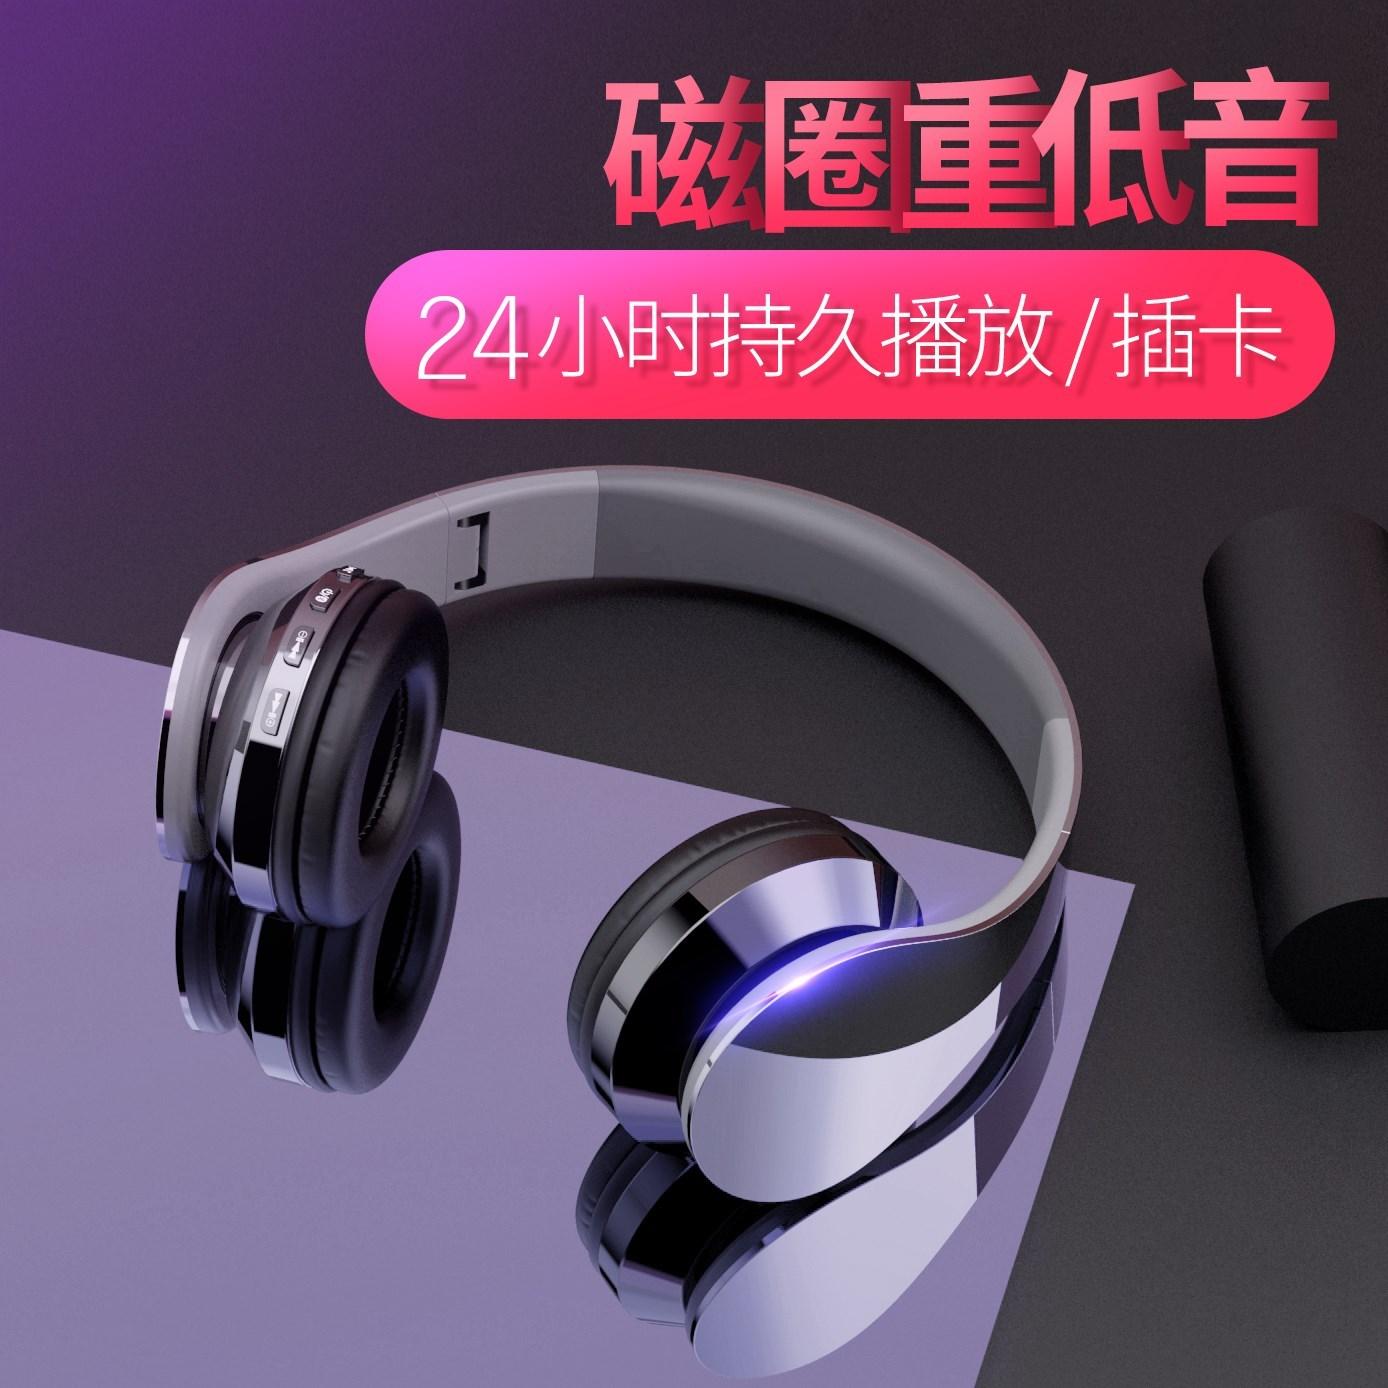 耳机头戴式蓝牙耳机台式游戏运动 带话筒重低音可线控FM耳麦 电脑